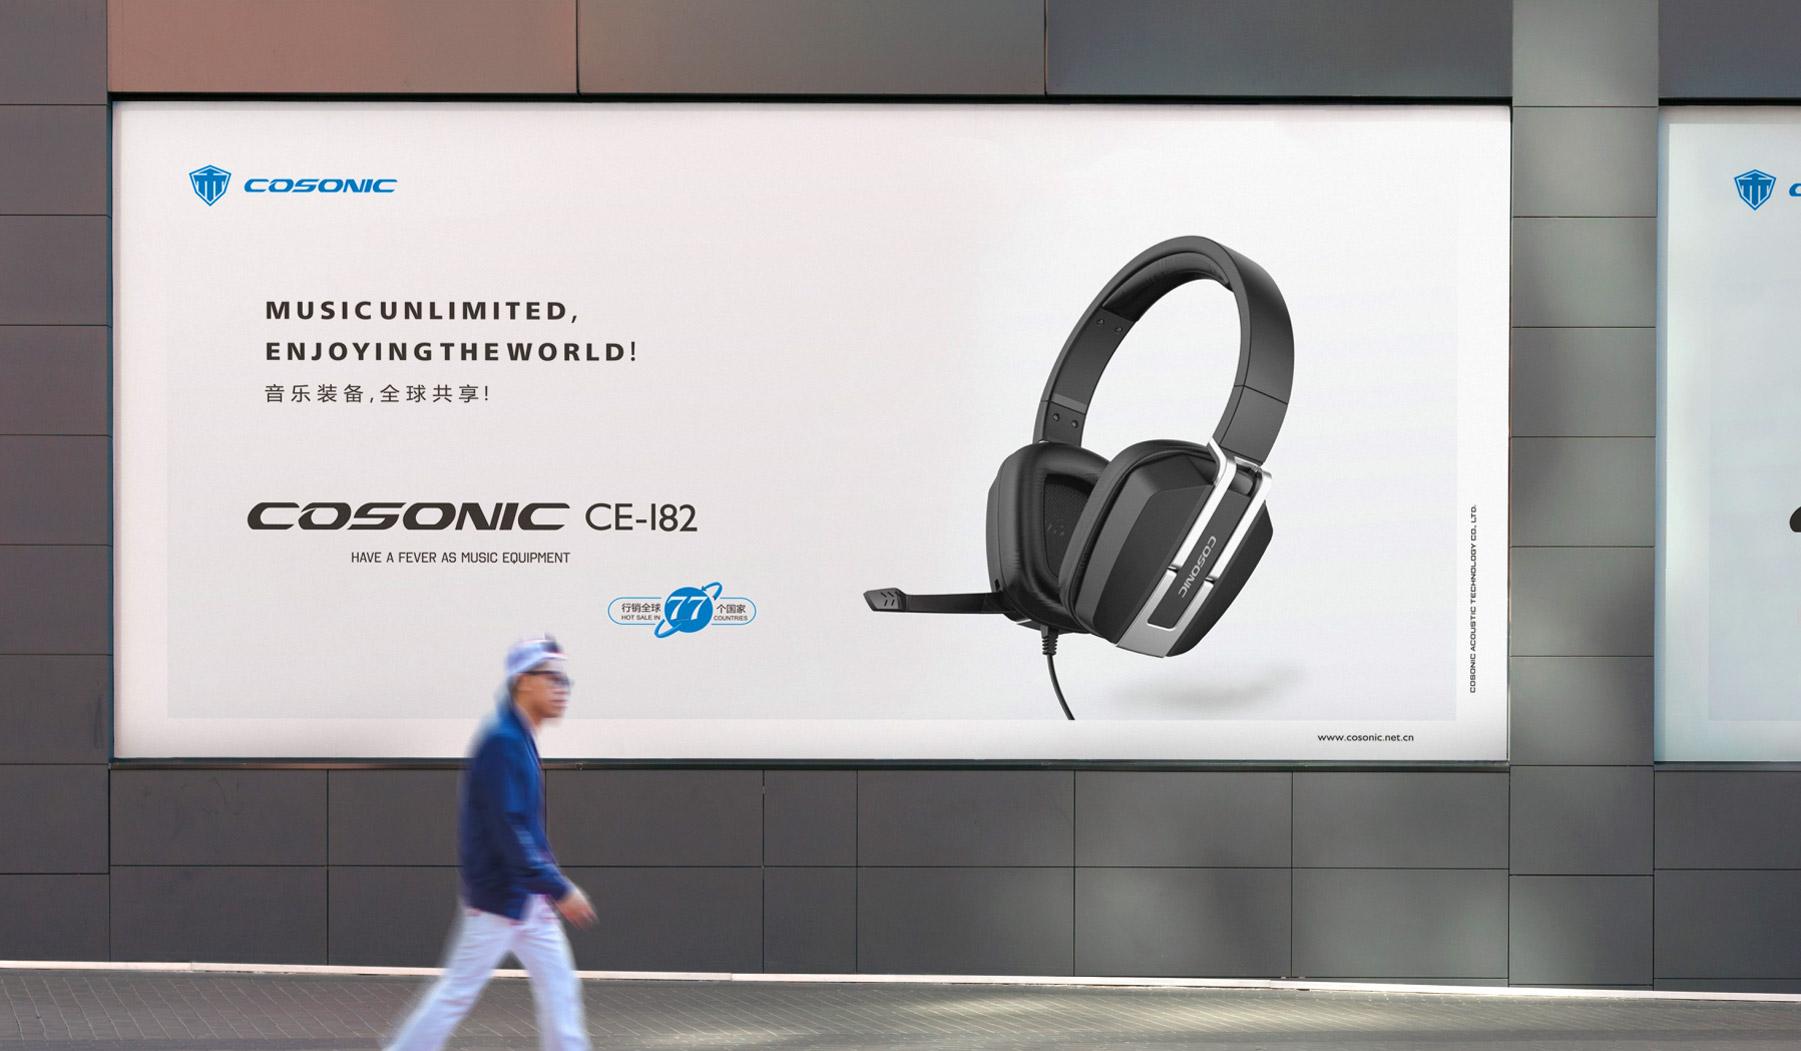 耳机品牌户外产品宣传海报效果图